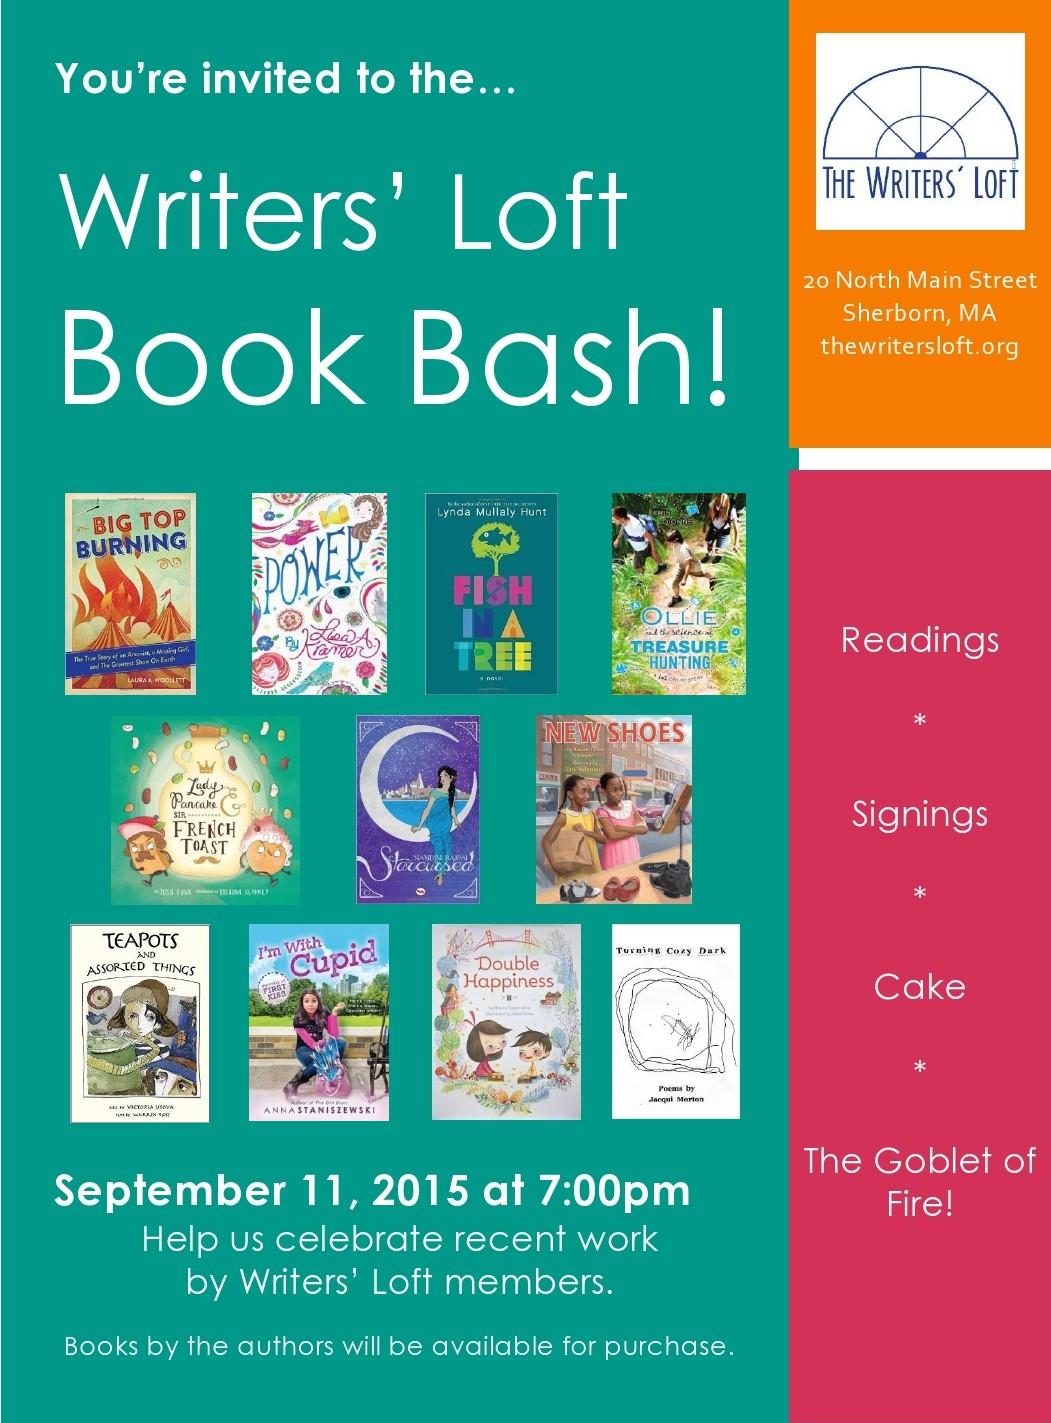 2015-09-11 Book Bash